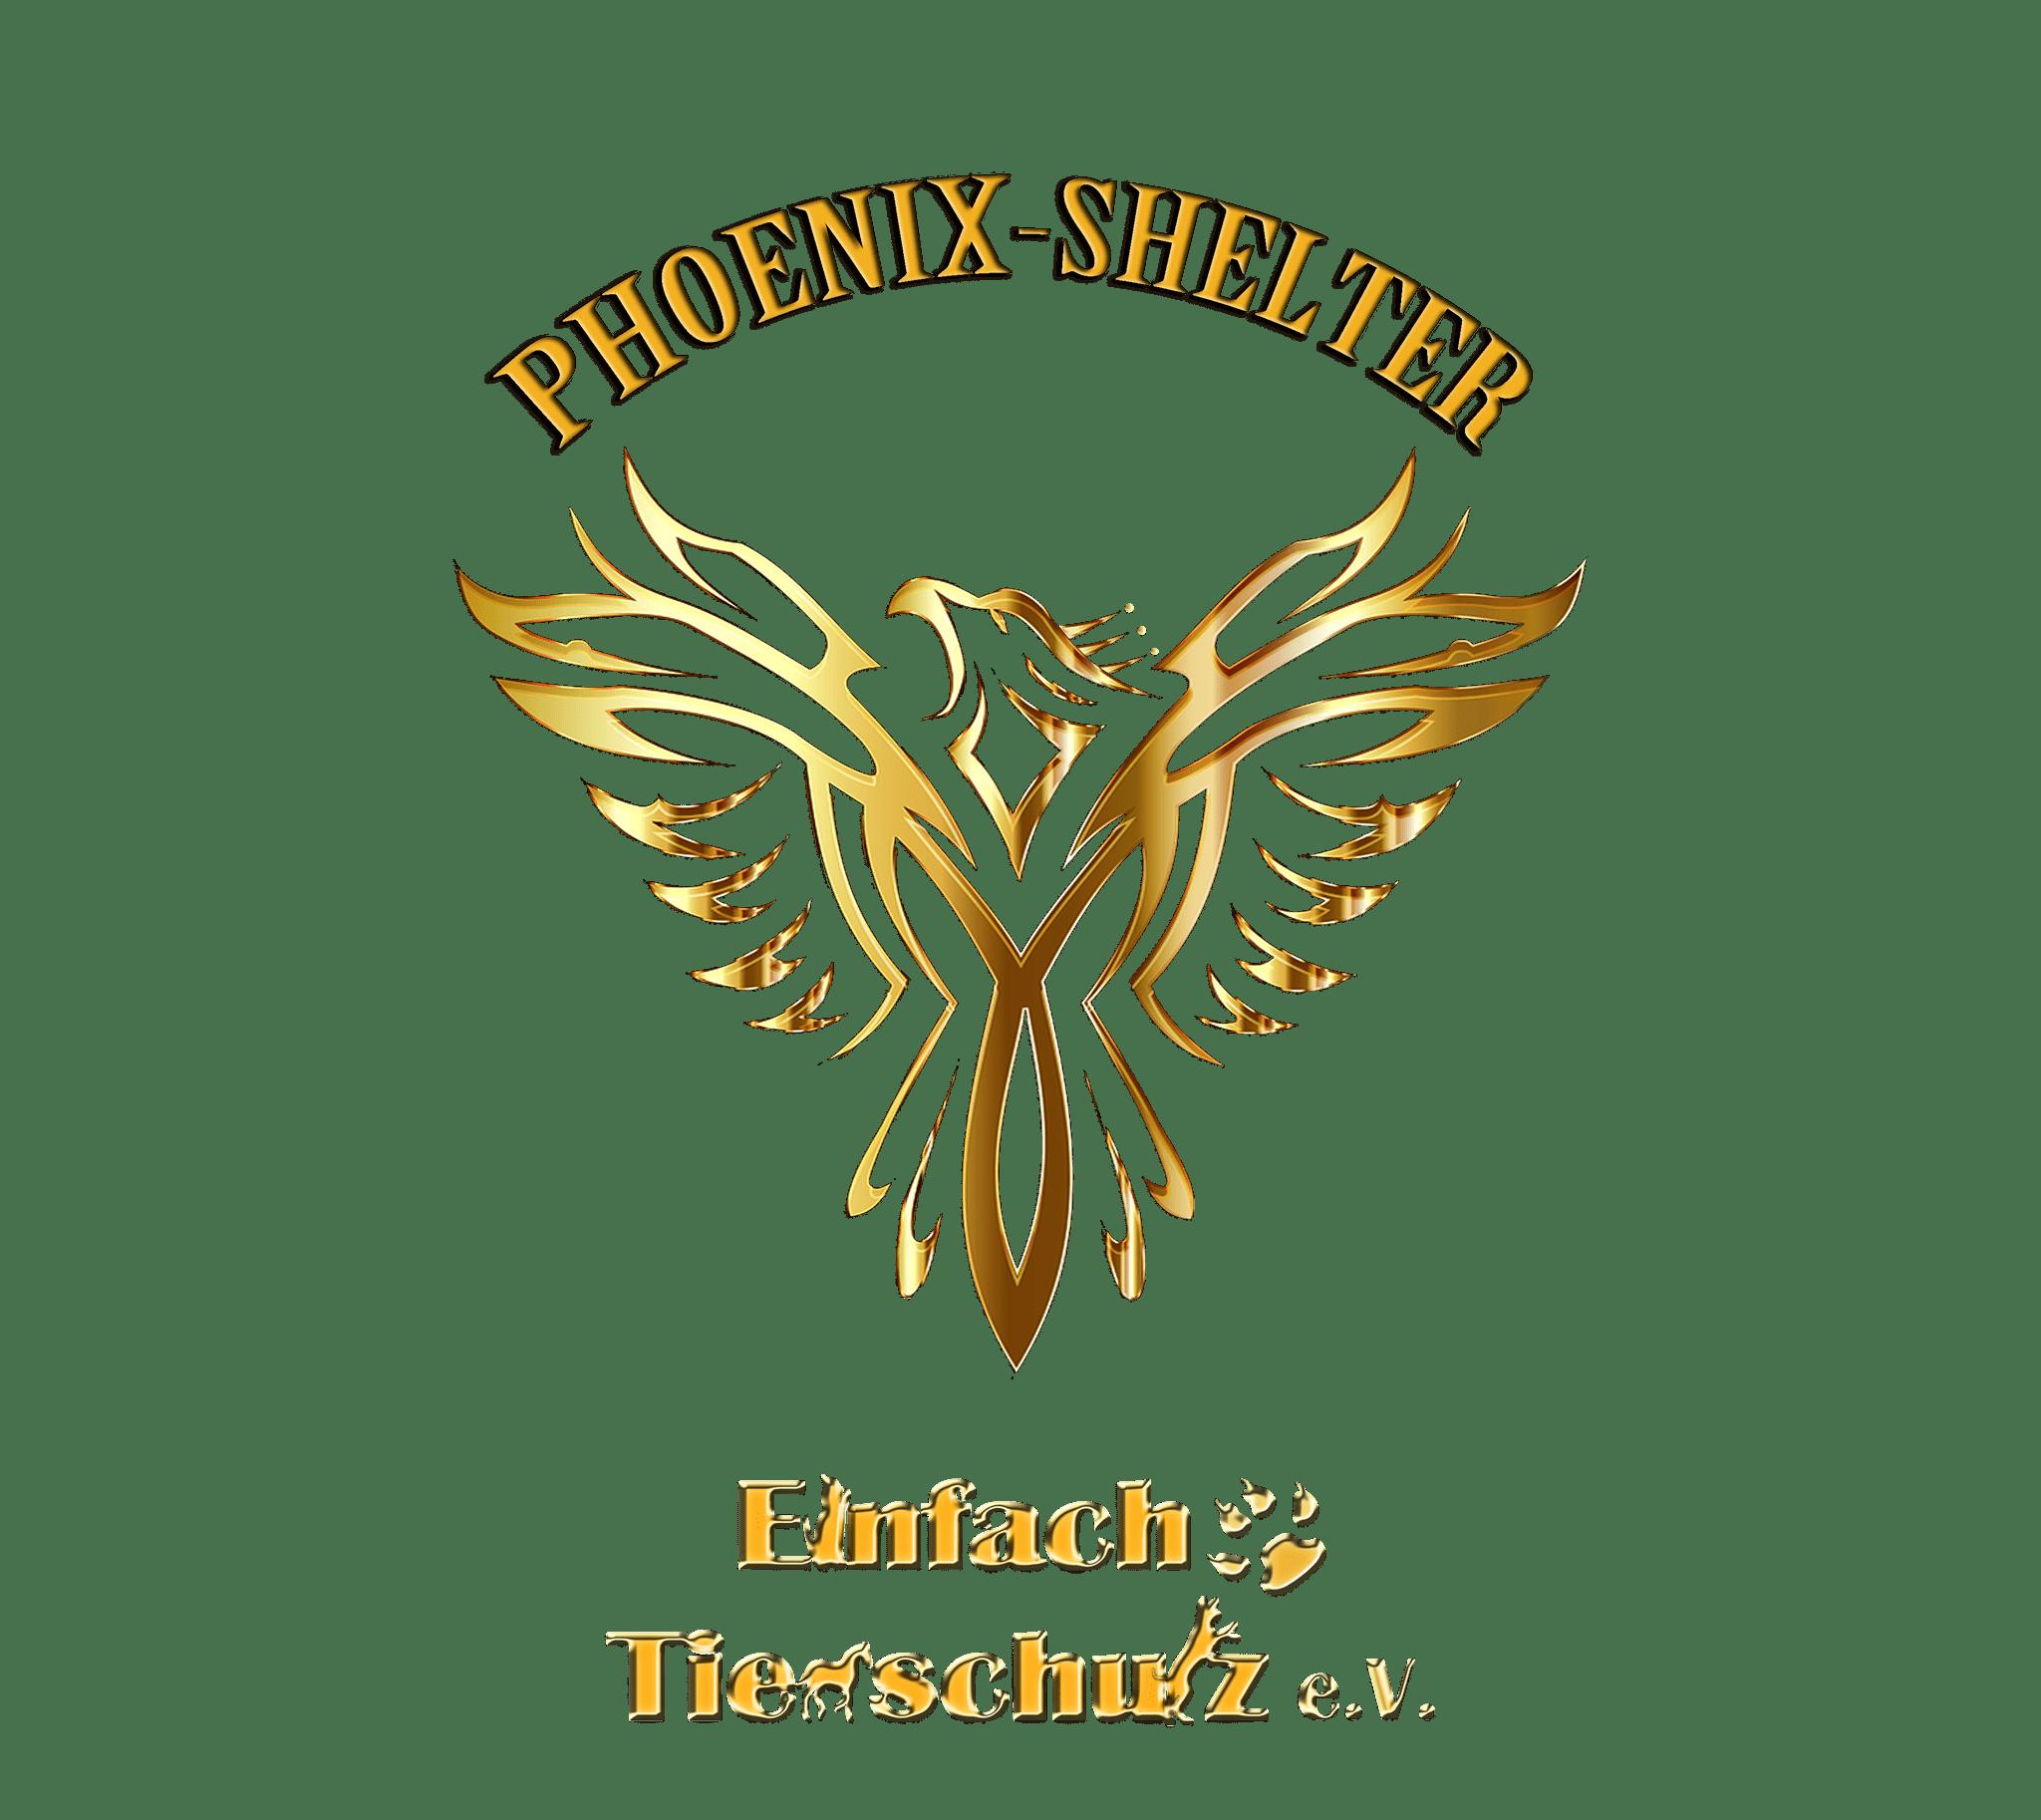 Einfach Tierschutz- Phoenix Shelter